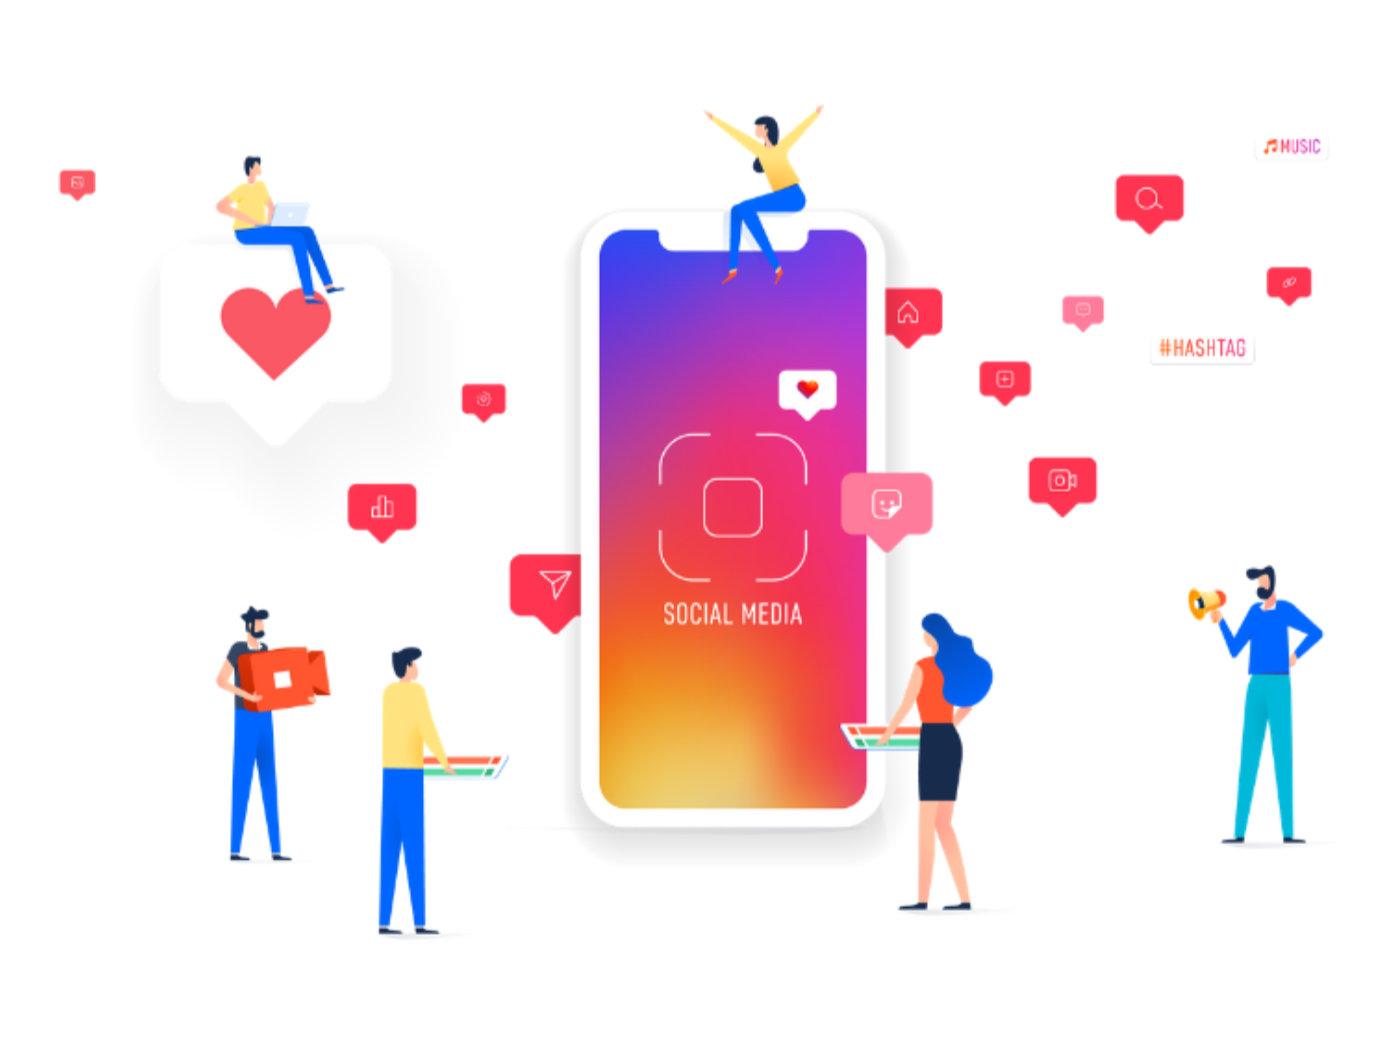 social media marketing still important